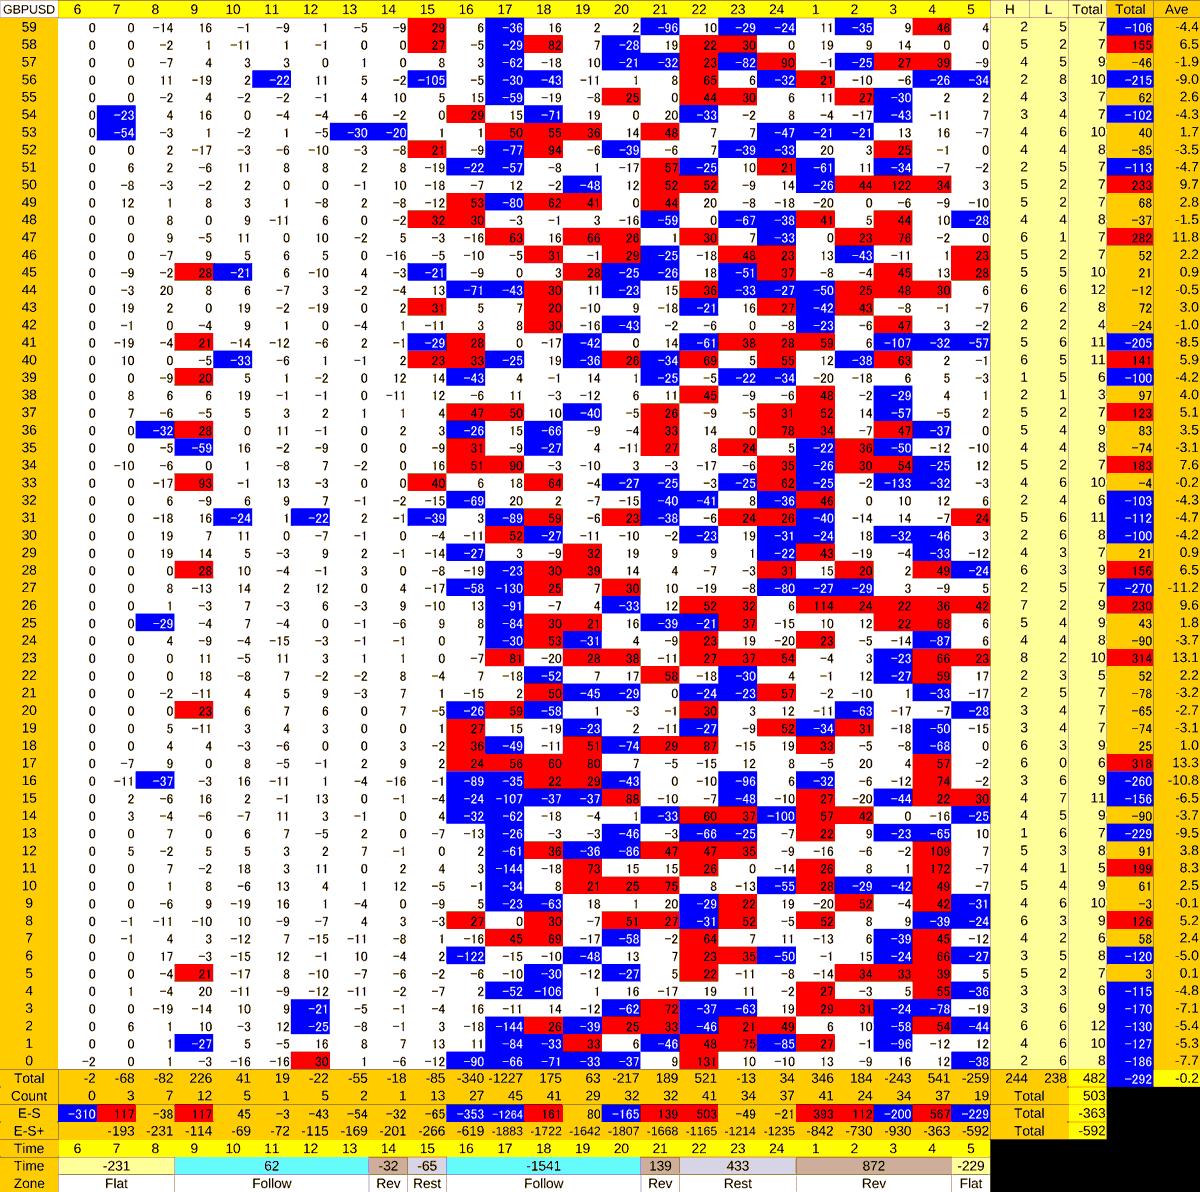 20201207_HS(2)GBPUSD